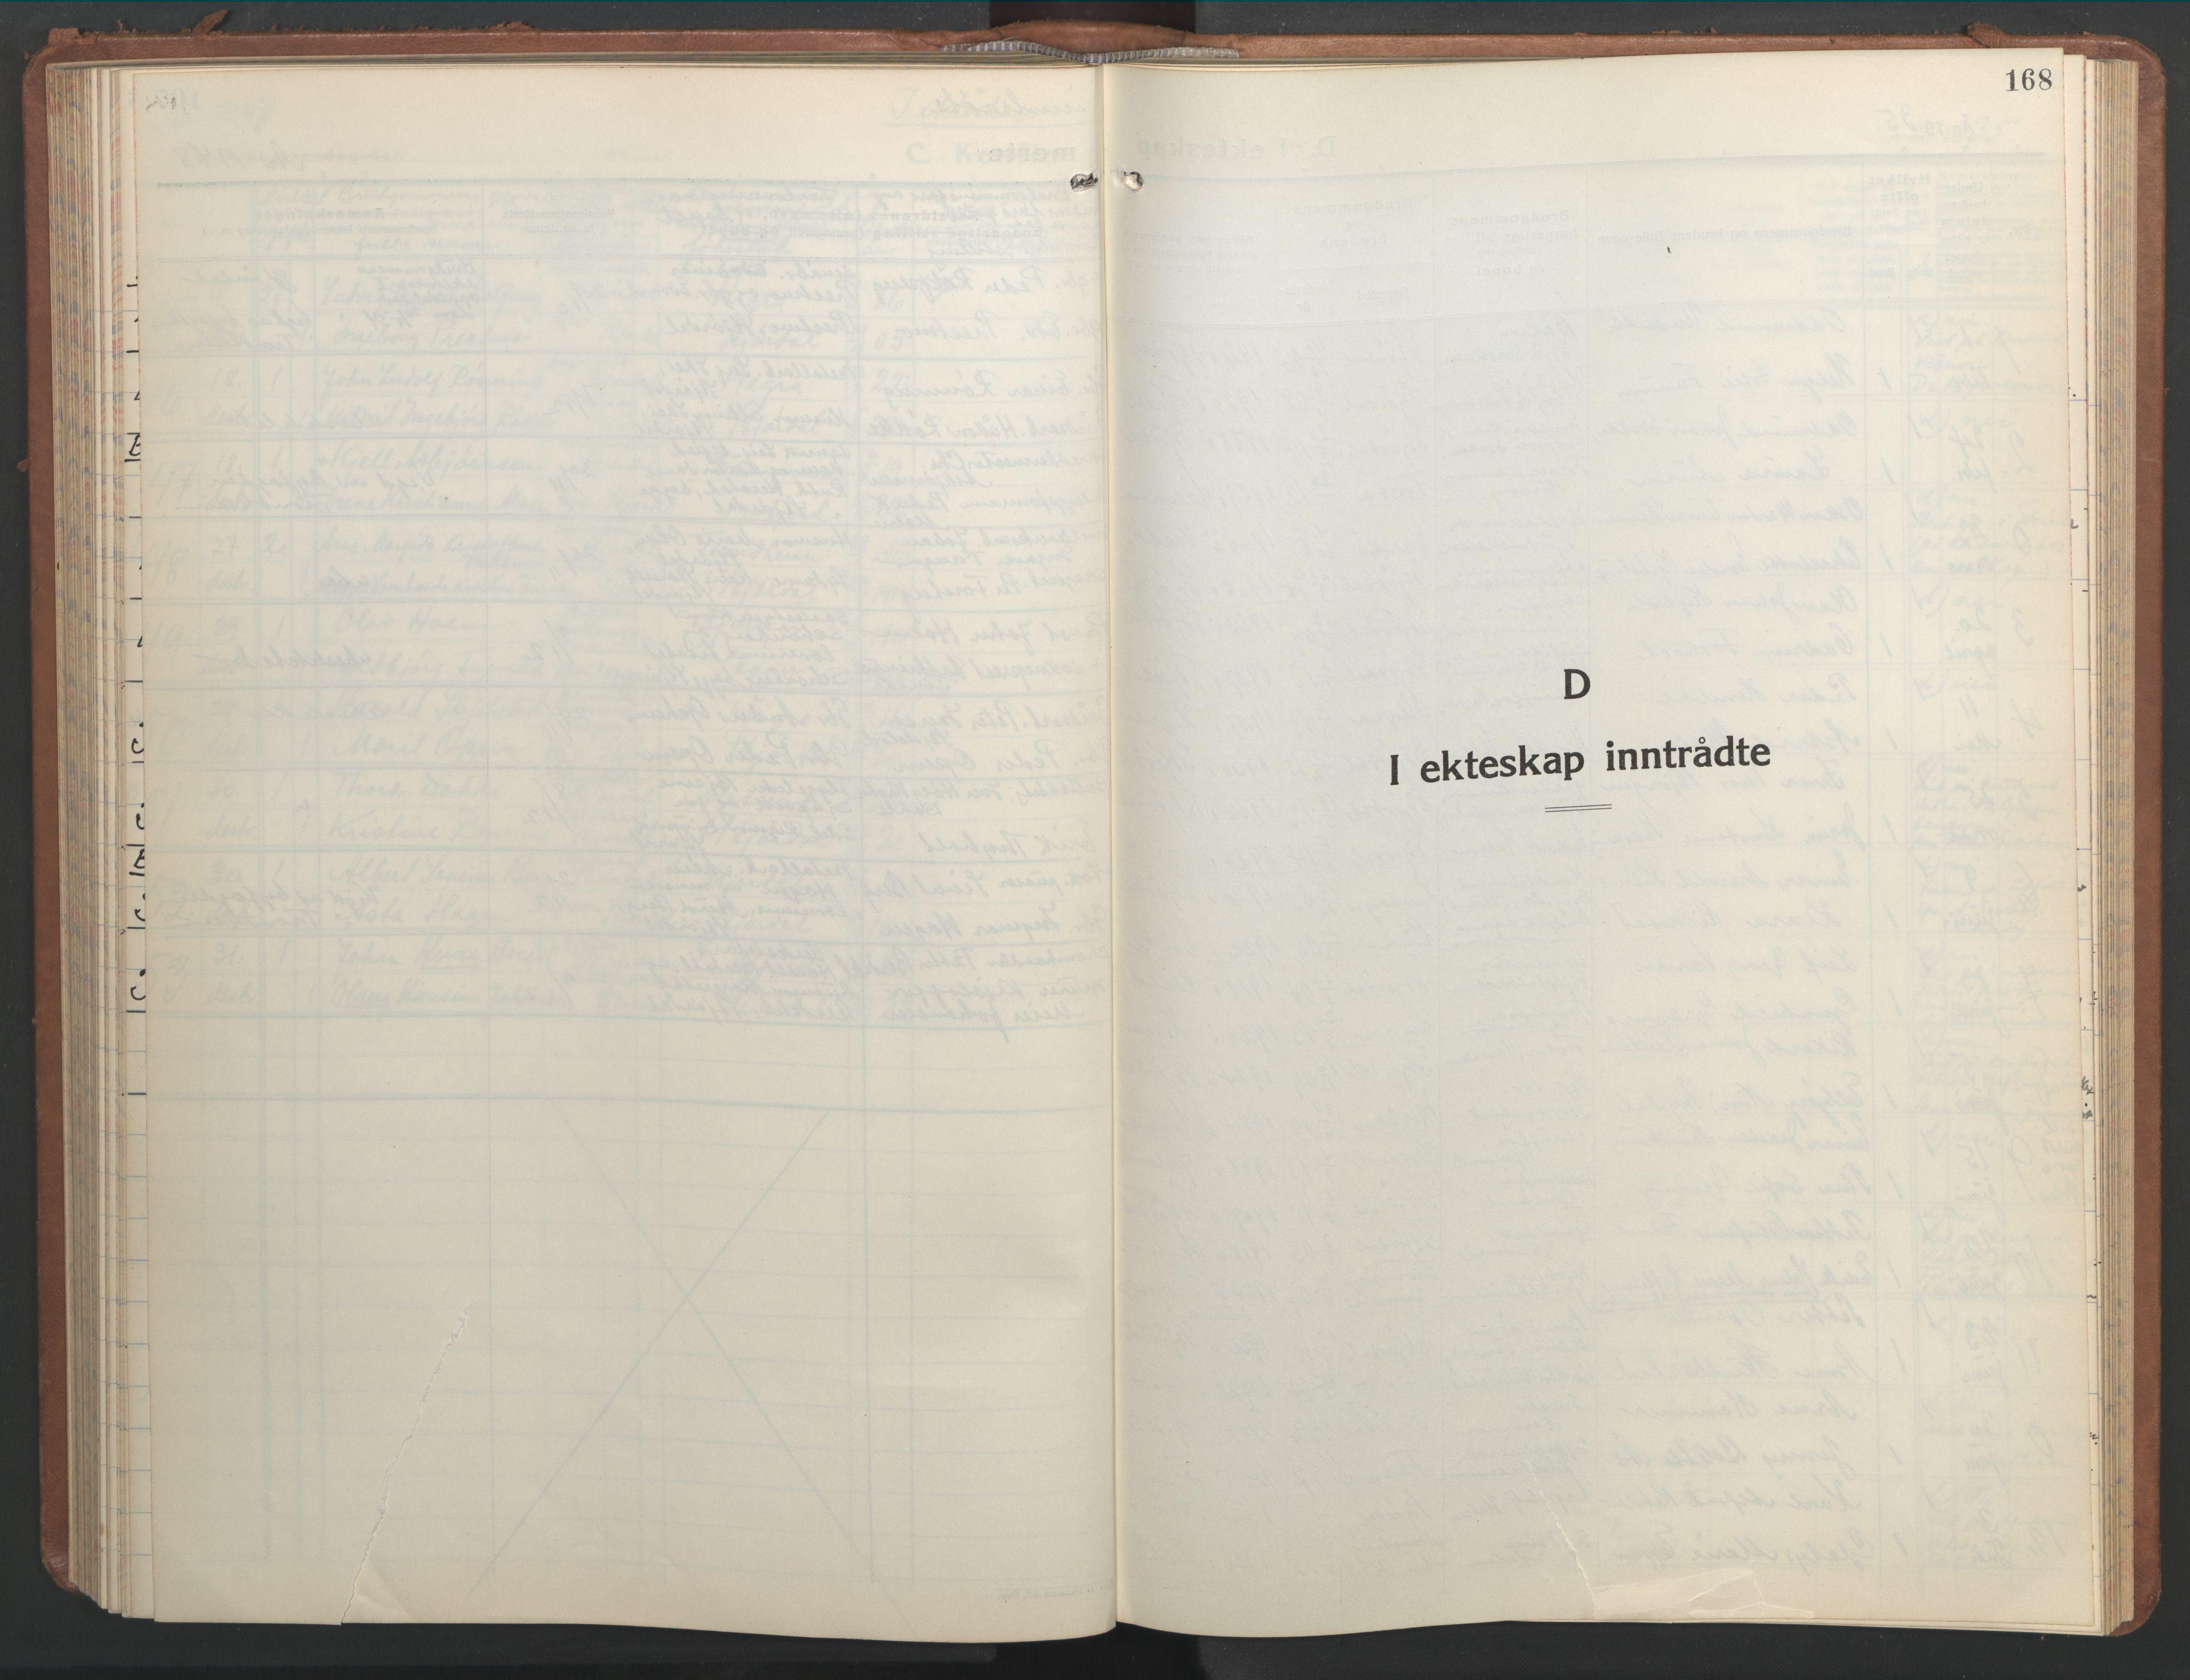 SAT, Ministerialprotokoller, klokkerbøker og fødselsregistre - Nord-Trøndelag, 709/L0089: Klokkerbok nr. 709C03, 1935-1948, s. 168